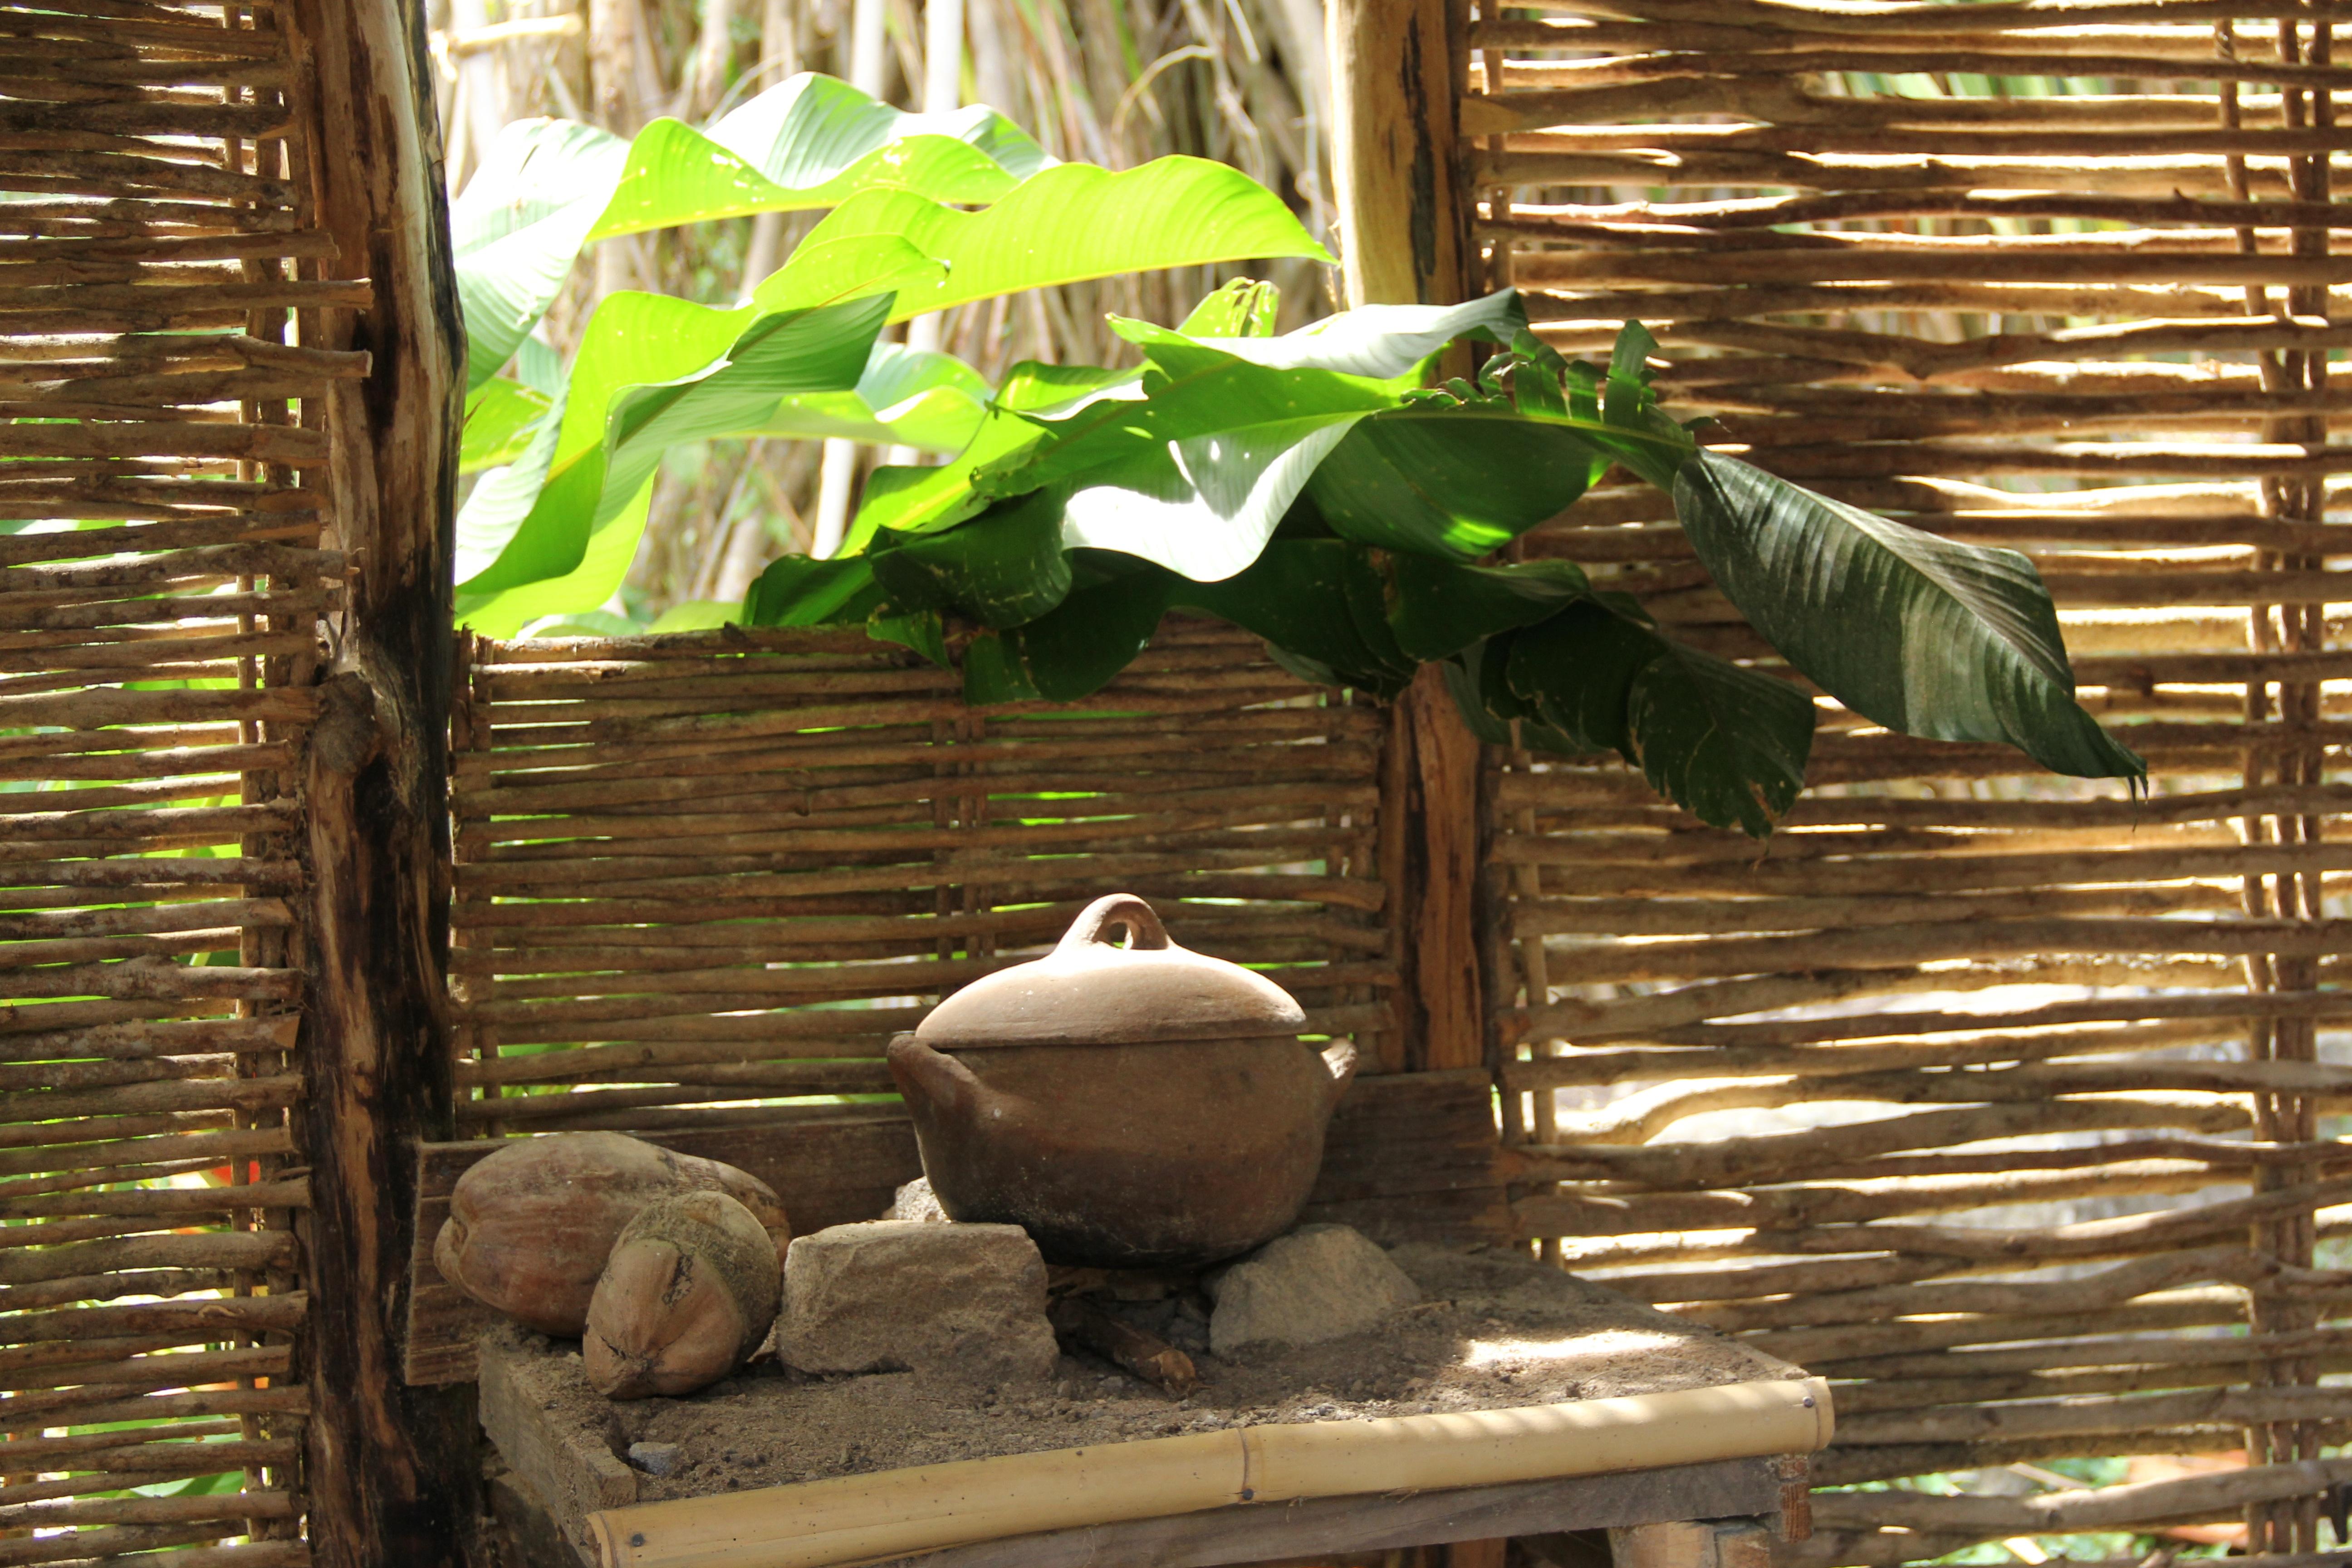 Kostenlose Foto Baum Pflanze Holz Zoo Grün Dschungel Kochen